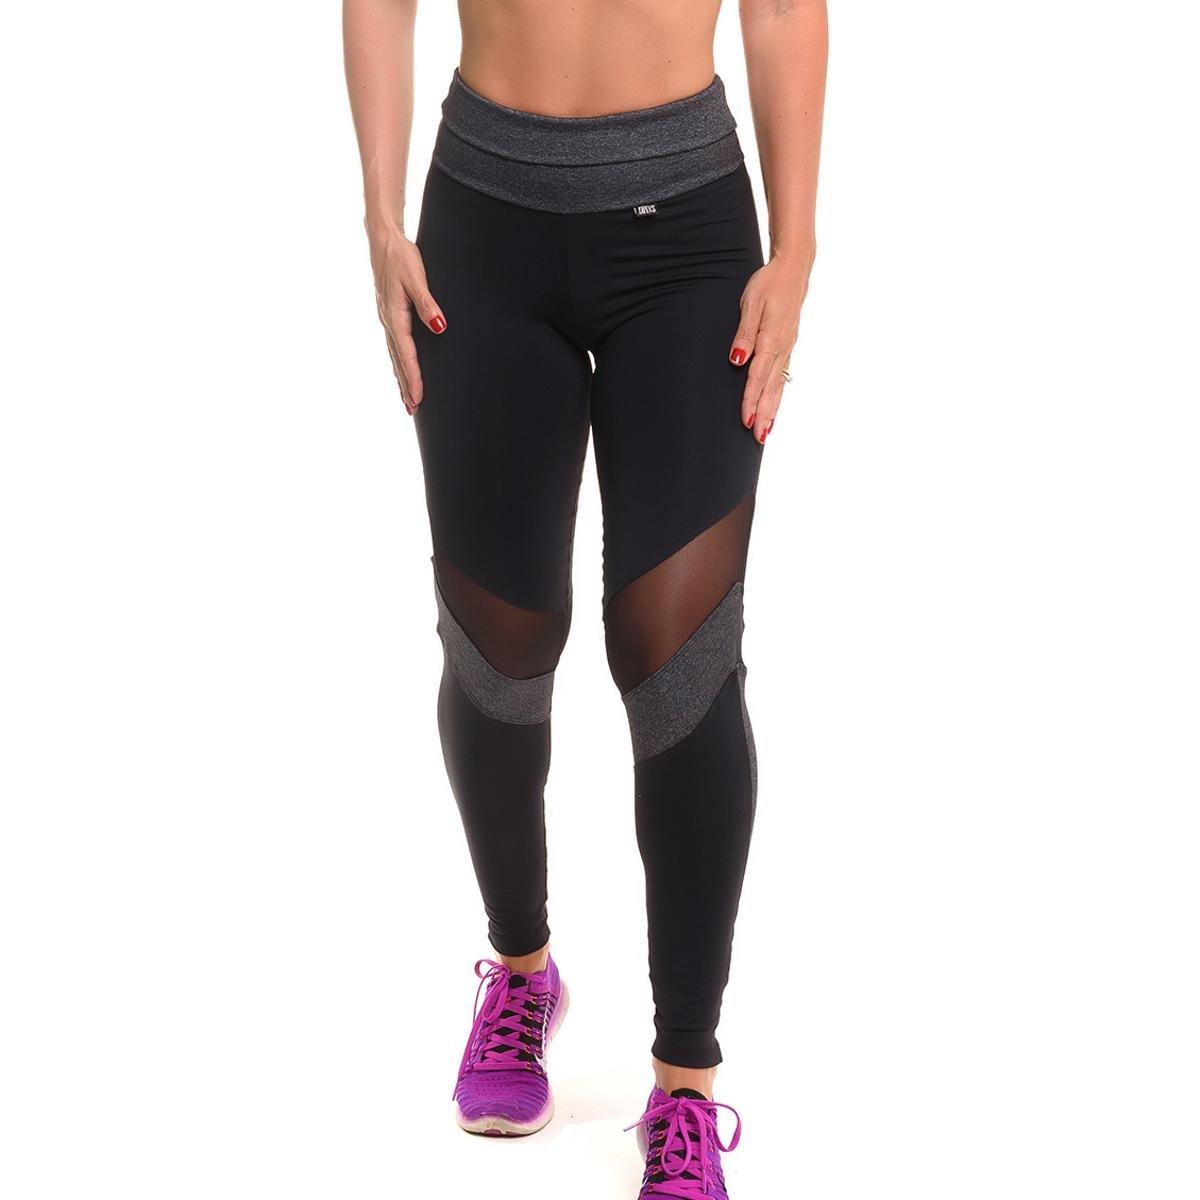 Legging Solar Blend Preto Proteção Calça Sandy Legging Calça Proteção com com pOwqg